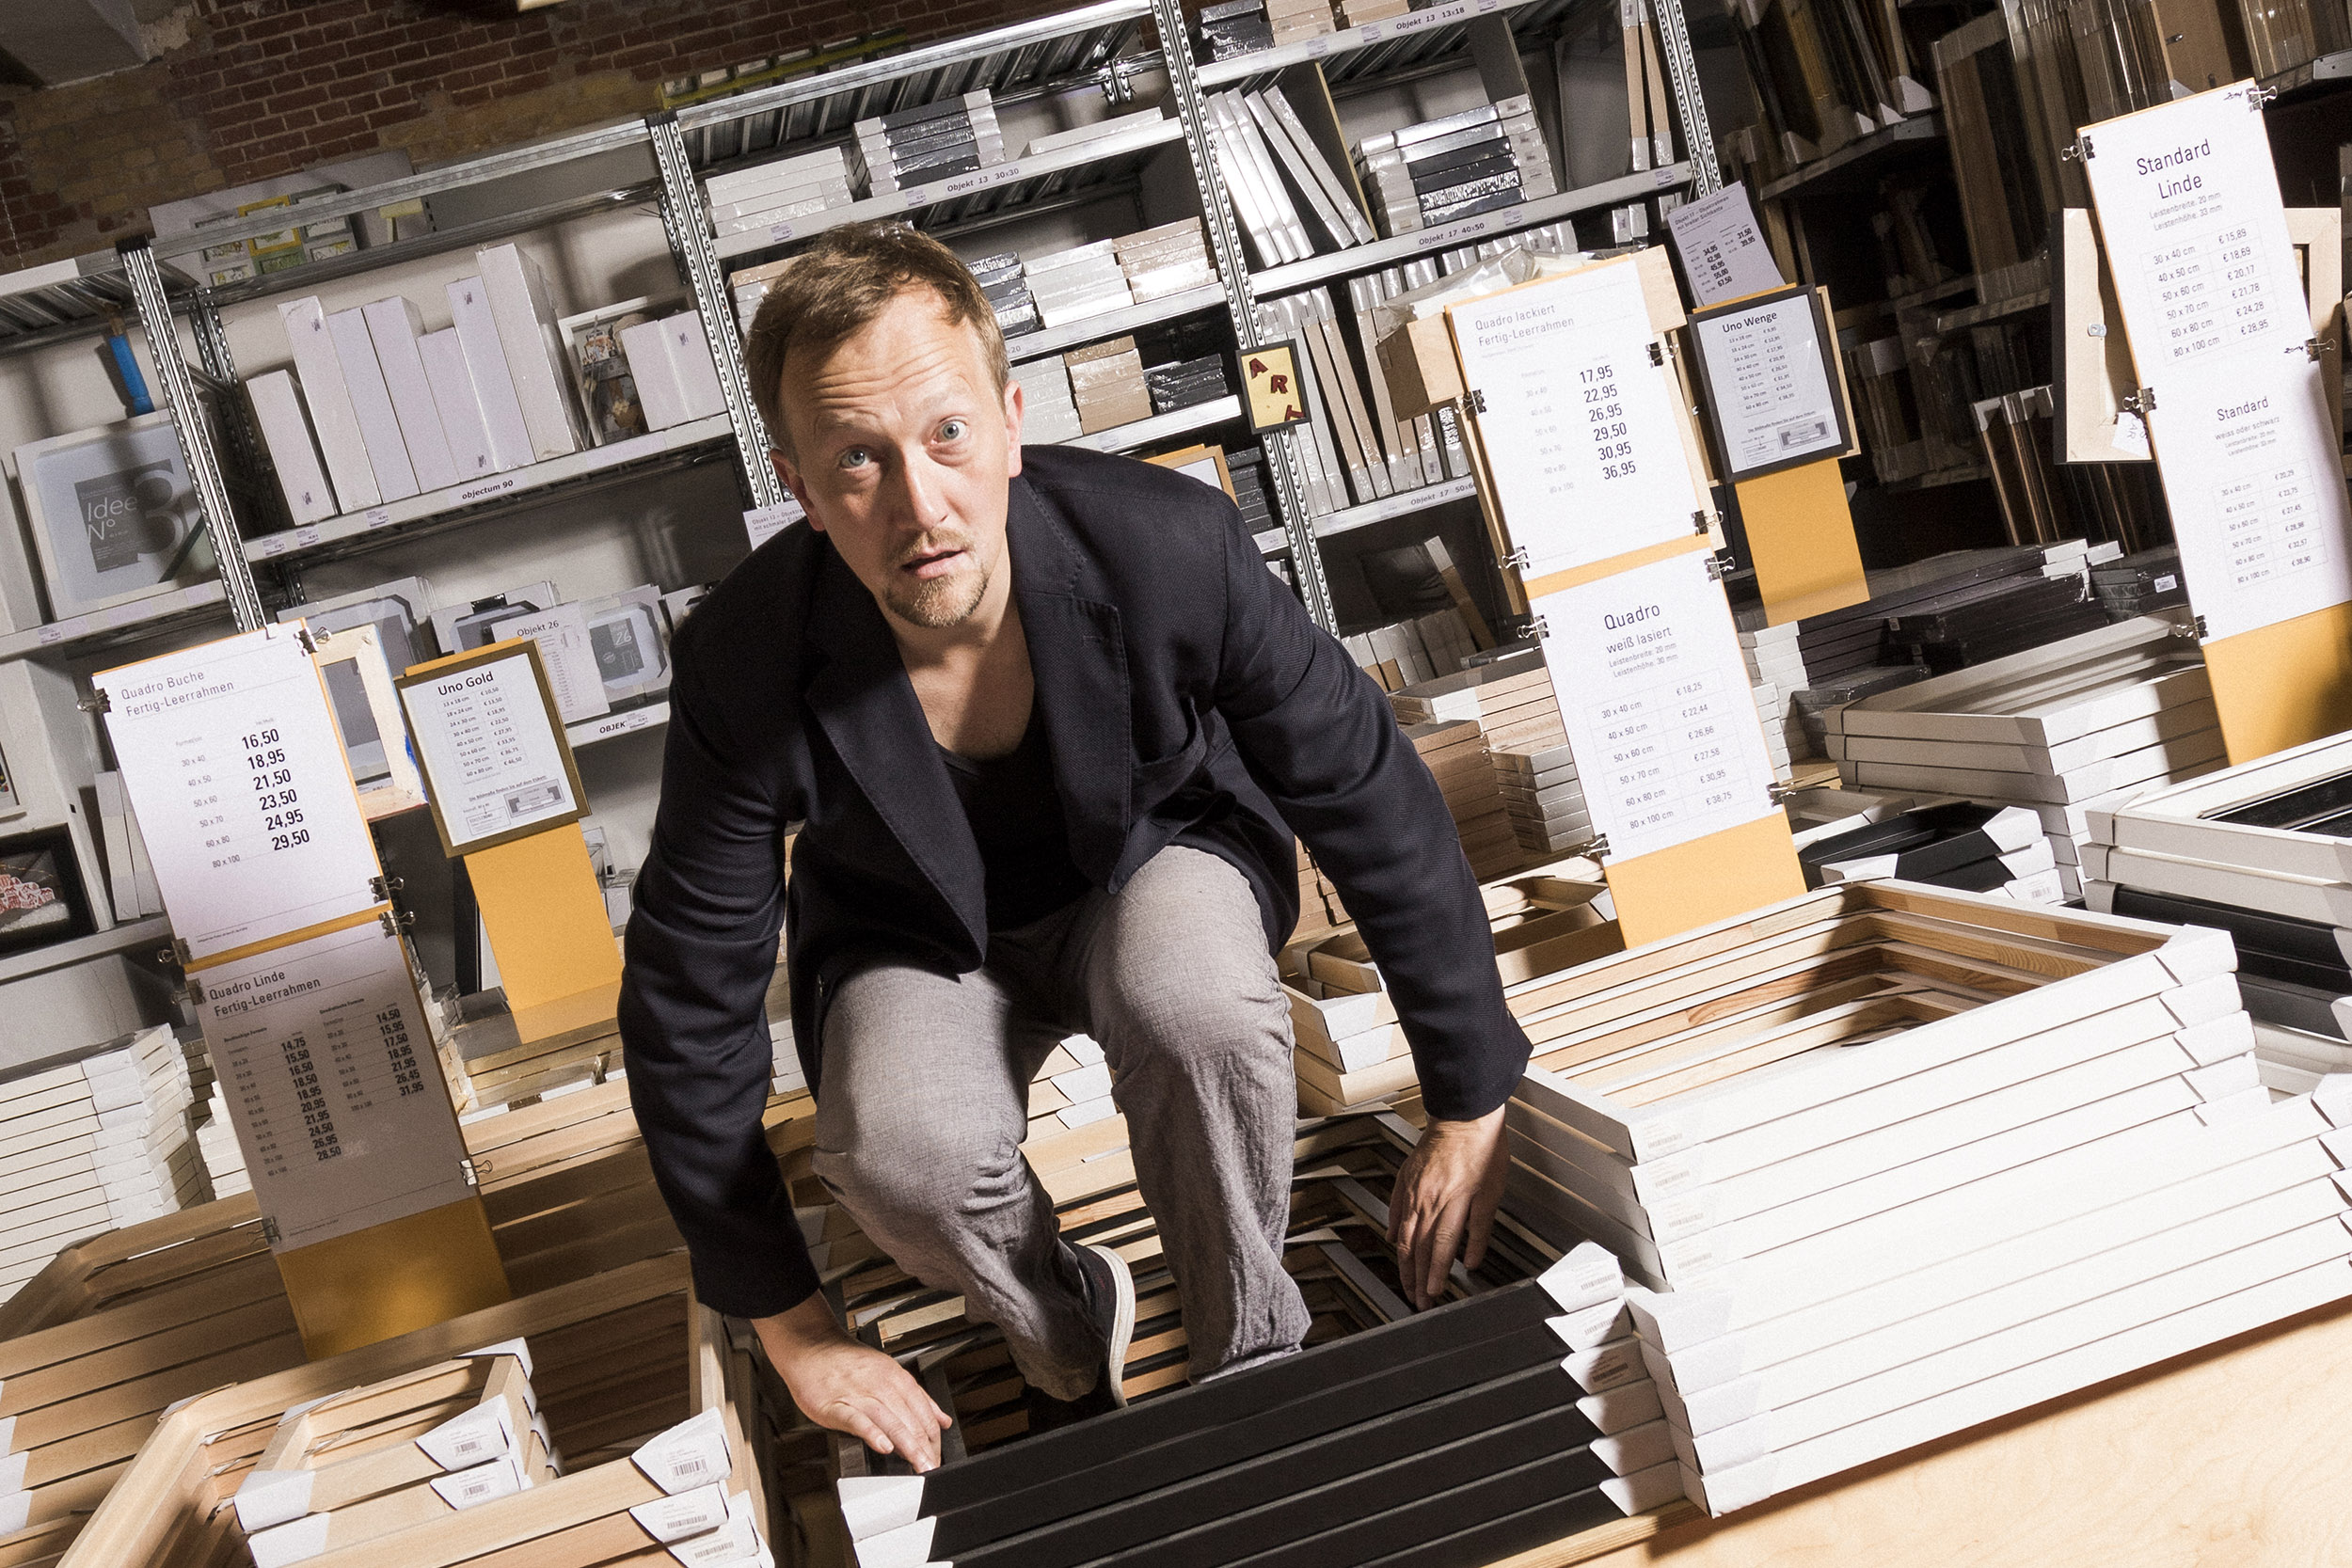 IFSE_Kunden_Hergen_Woebken_by_Christoph_Neumann